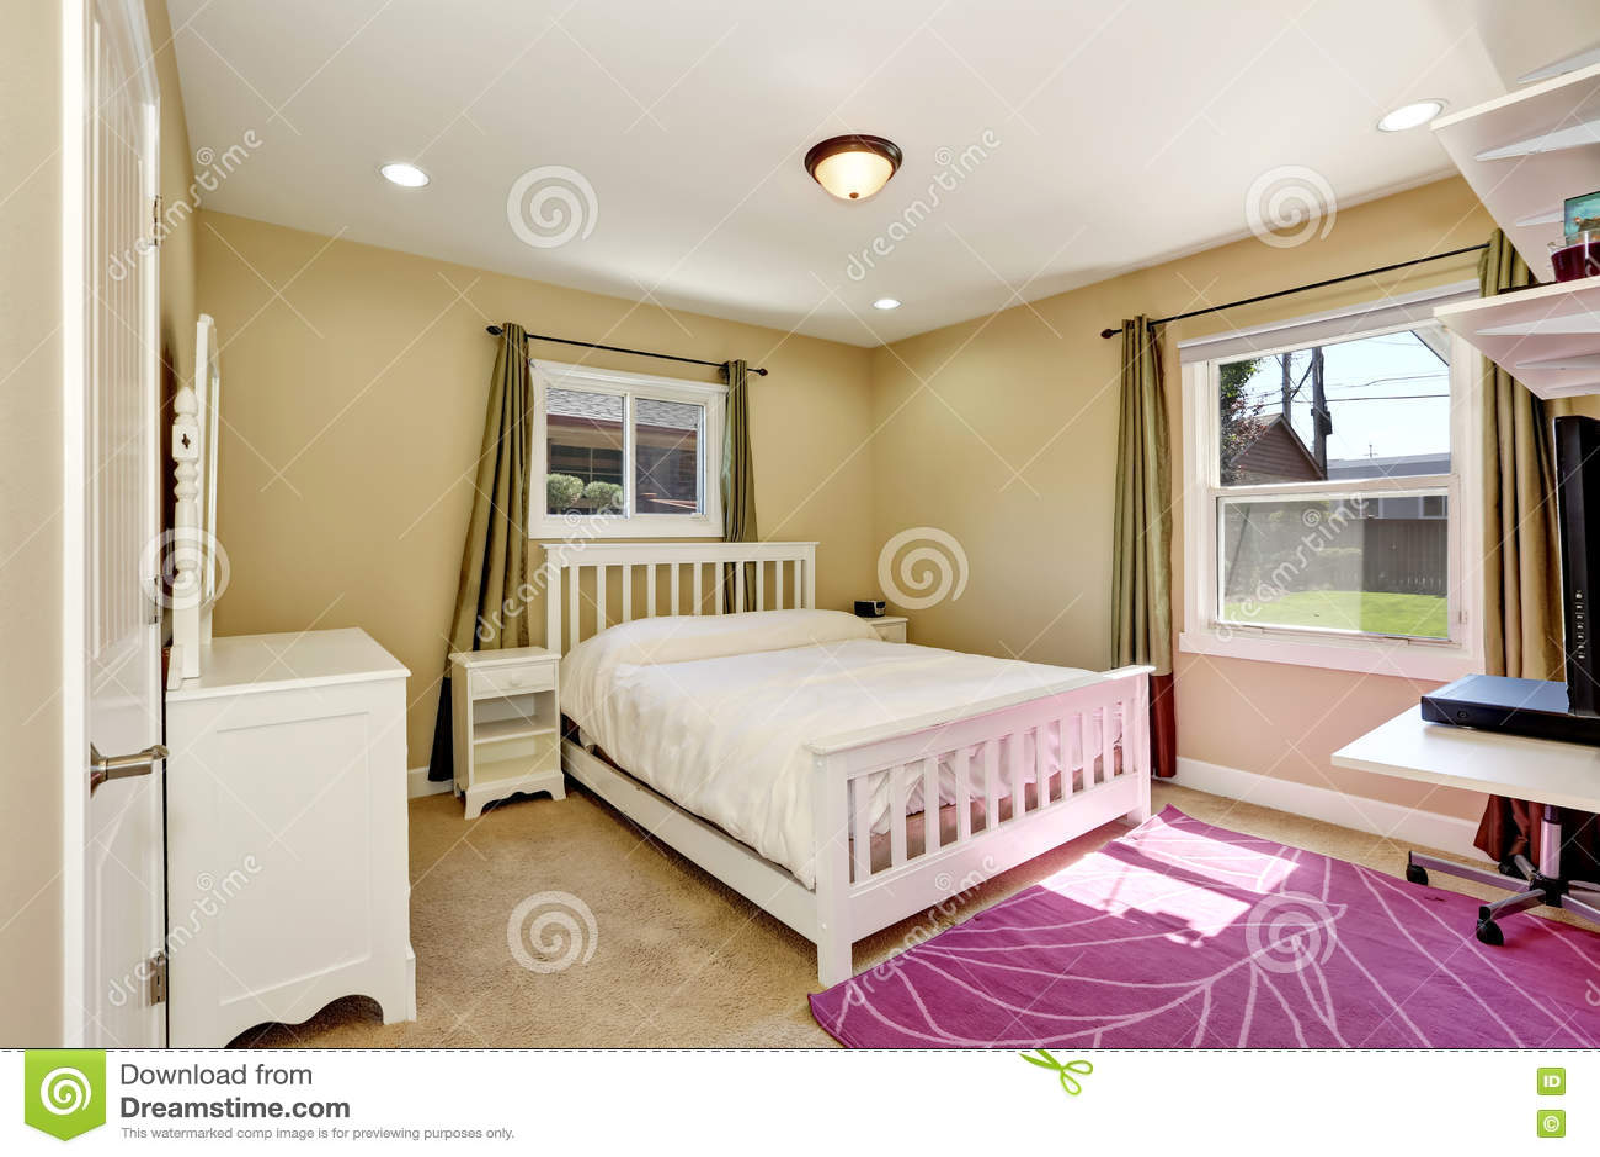 Slaapkamer Amerikaanse Stijl : De slaapkamer van nice in het kleine amerikaanse huis van de